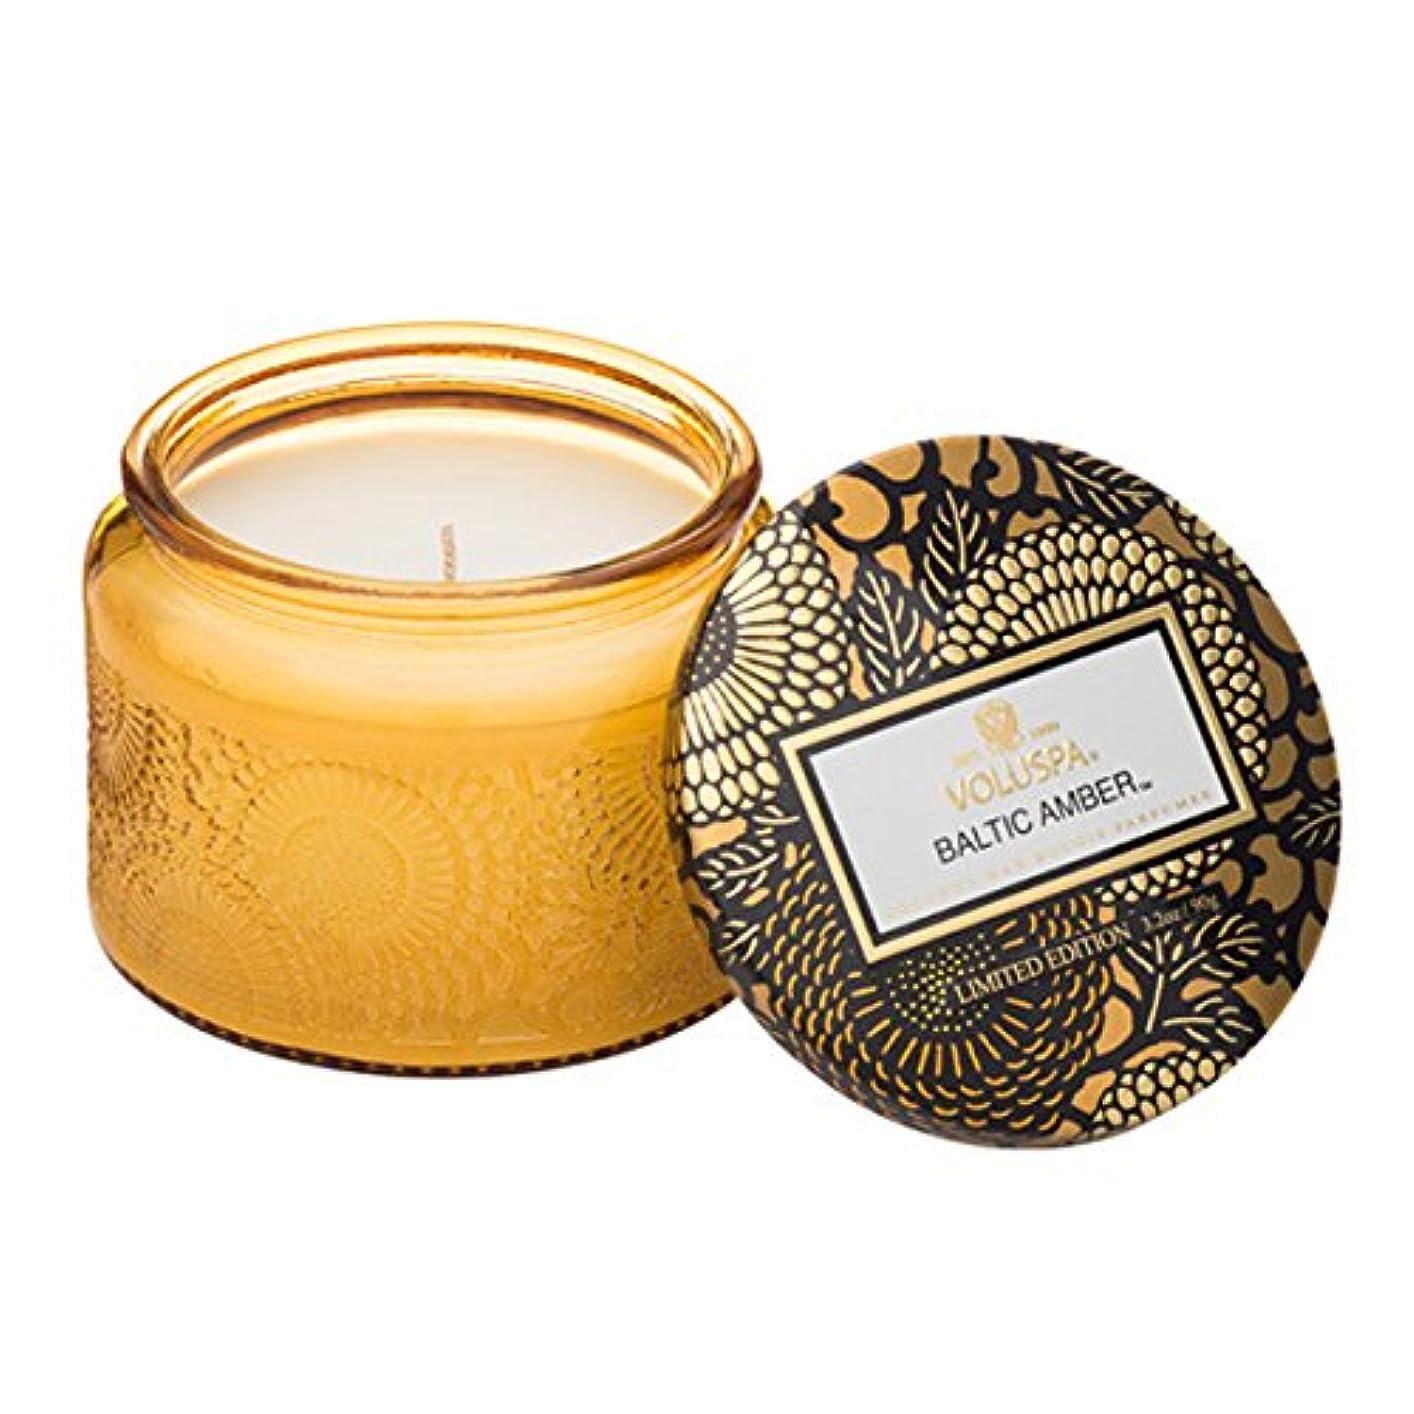 変更エンティティ引き出しVoluspa ボルスパ ジャポニカ リミテッド グラスジャーキャンドル  S バルティックアンバー BALTIC AMBER JAPONICA Limited PETITE EMBOSSED Glass jar candle